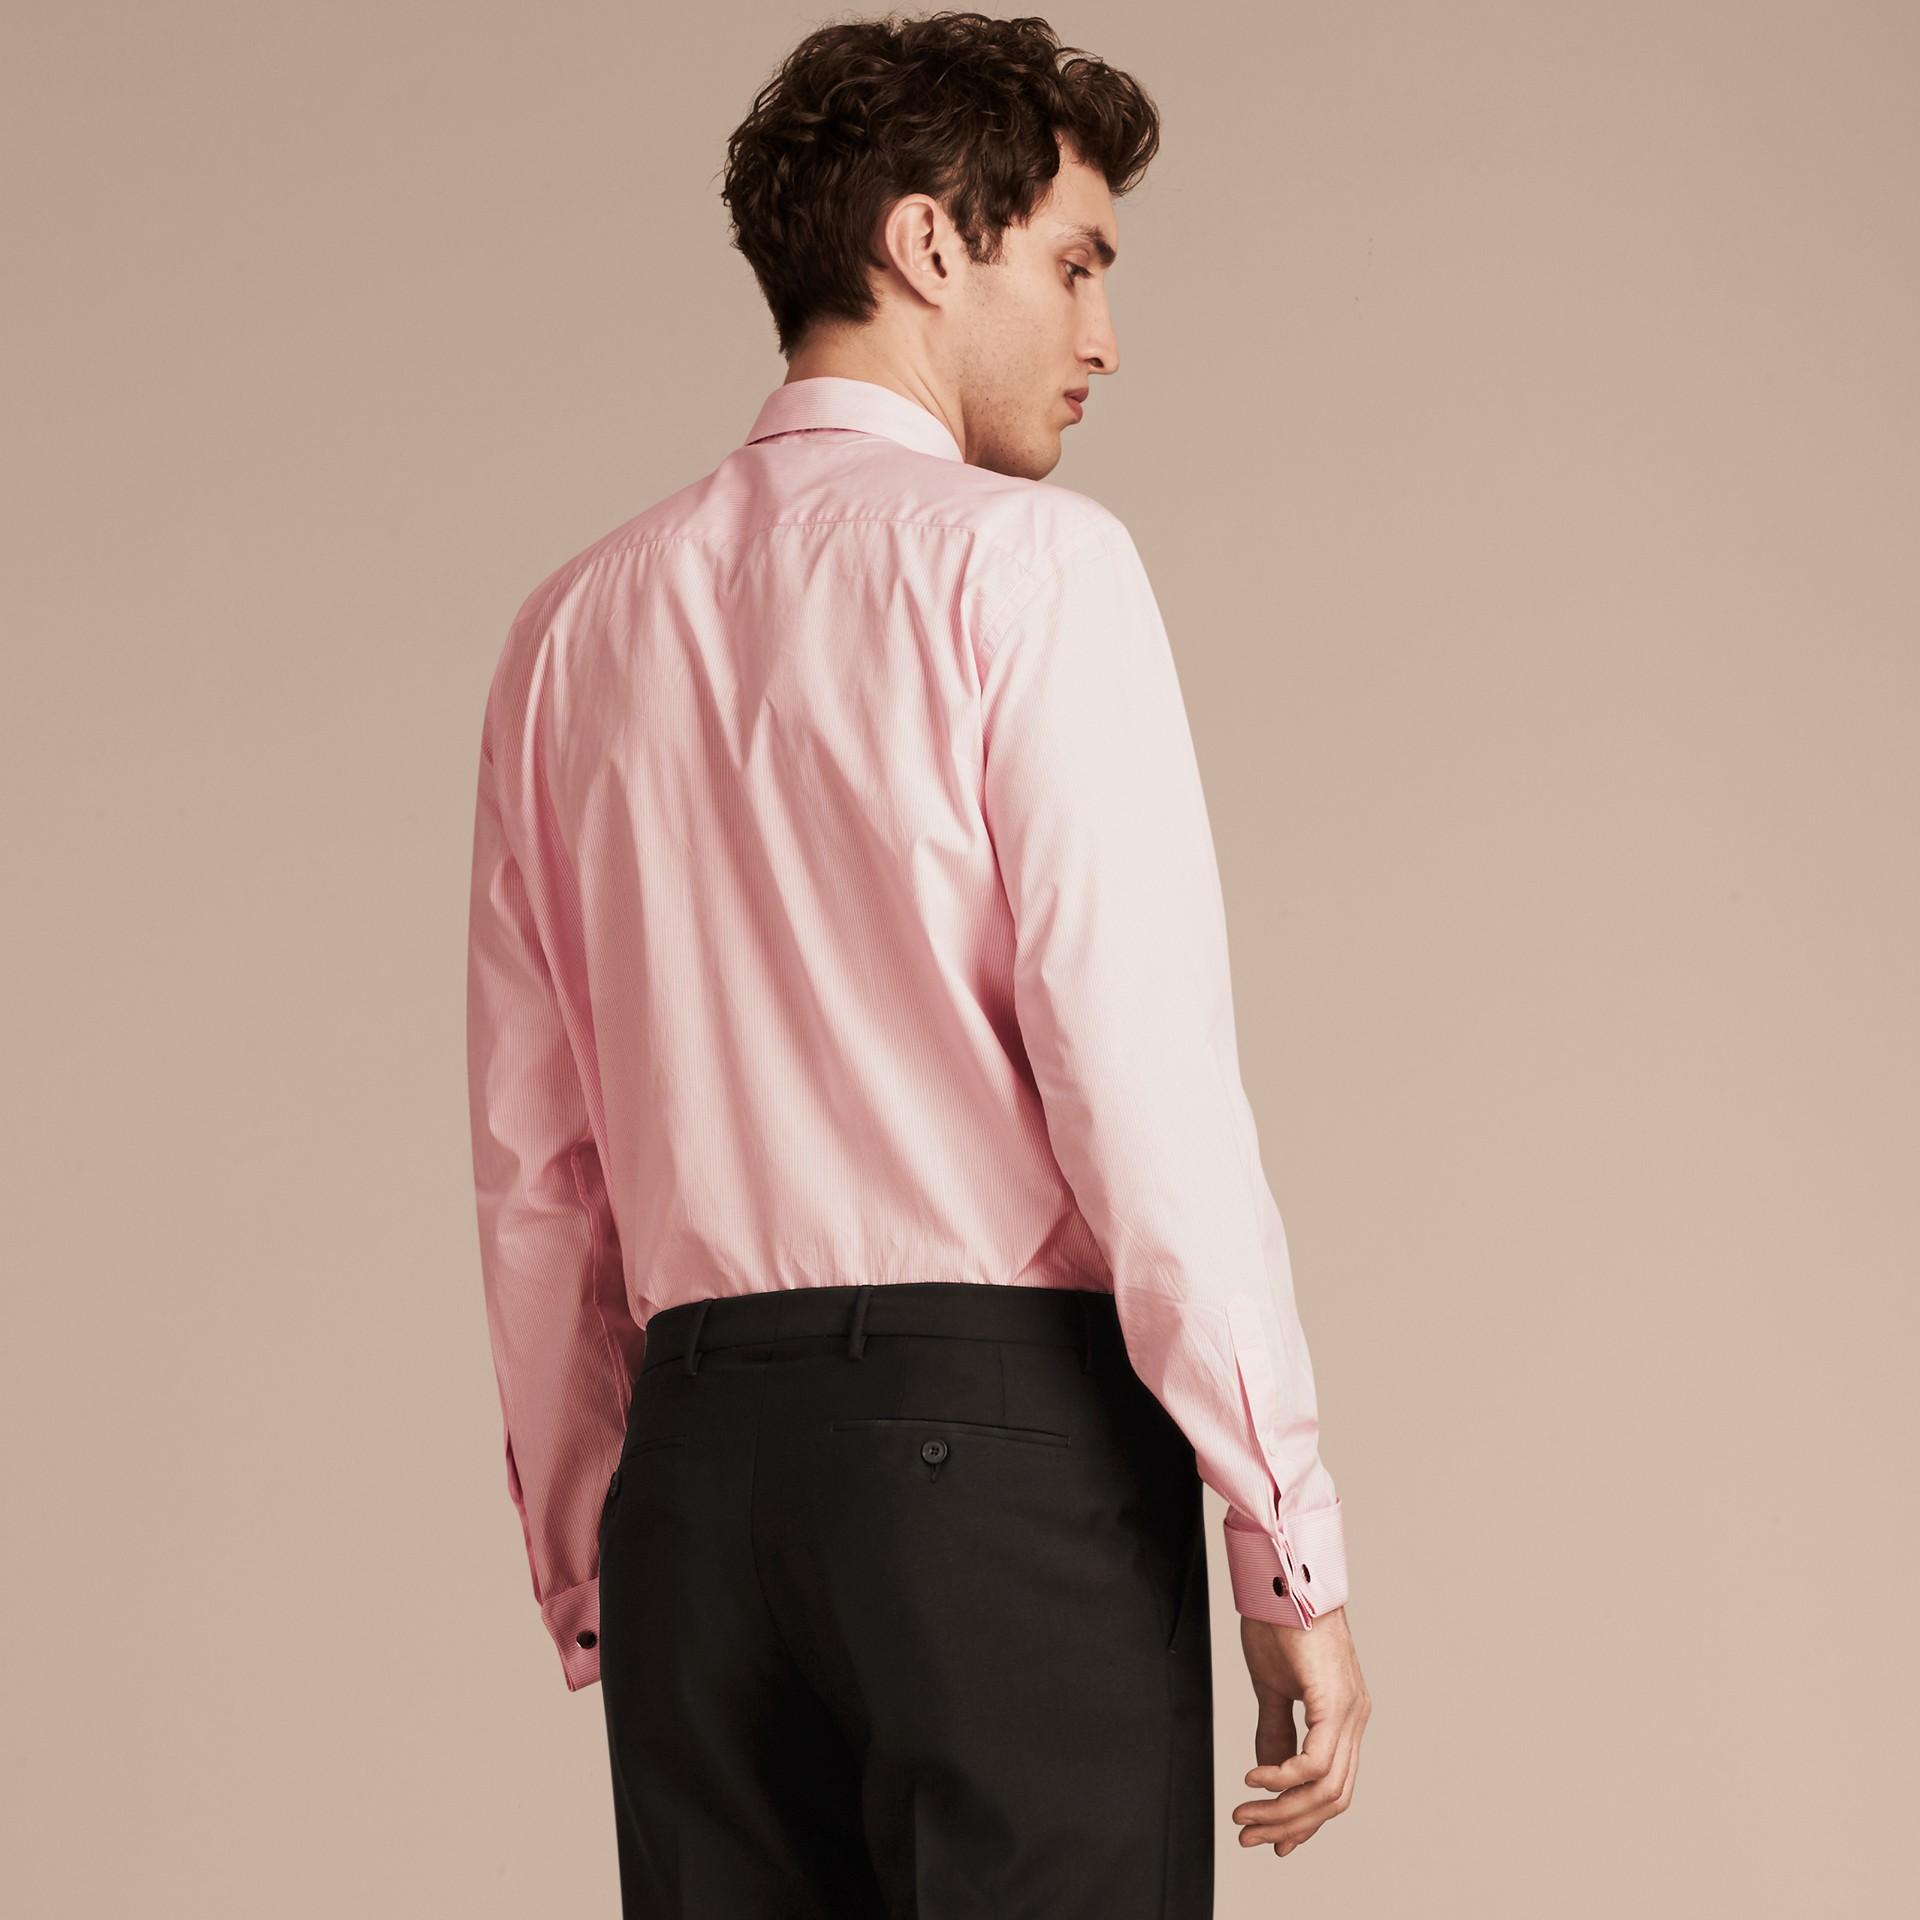 Рубашка в полоску с двойными манжетами Городской Розовый - изображение 3